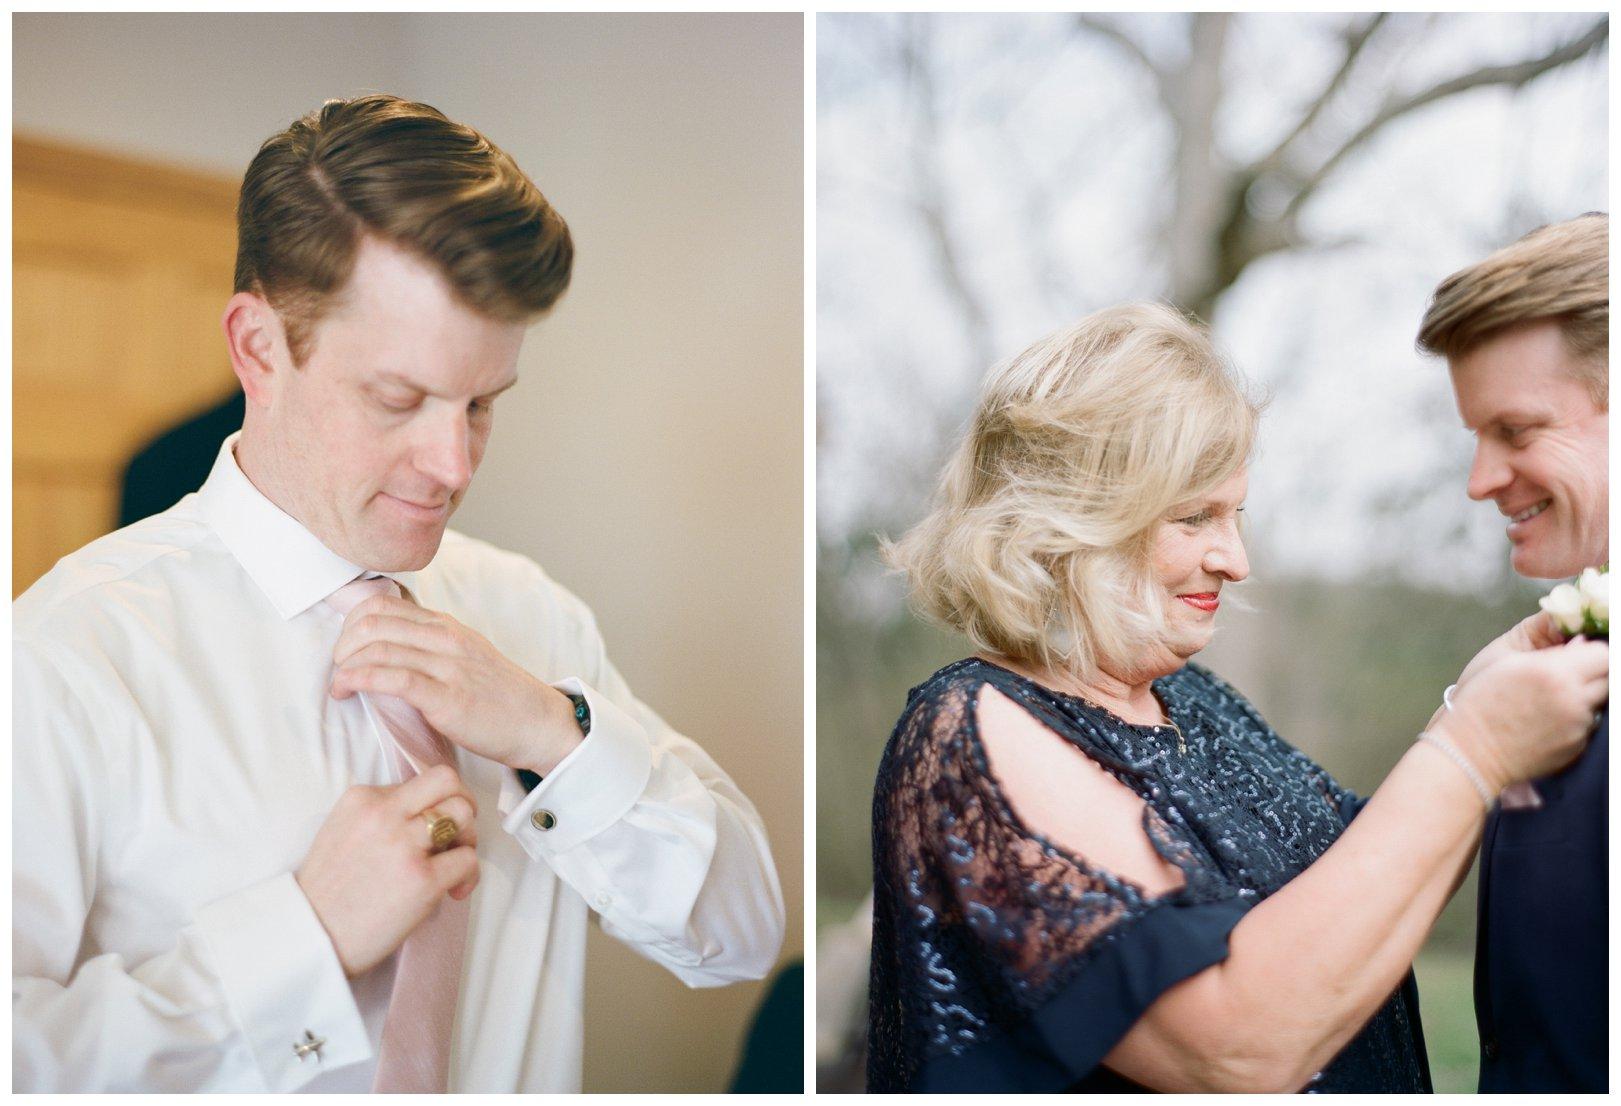 lauren muckler photography_fine art film wedding photography_st louis_photography_0970.jpg